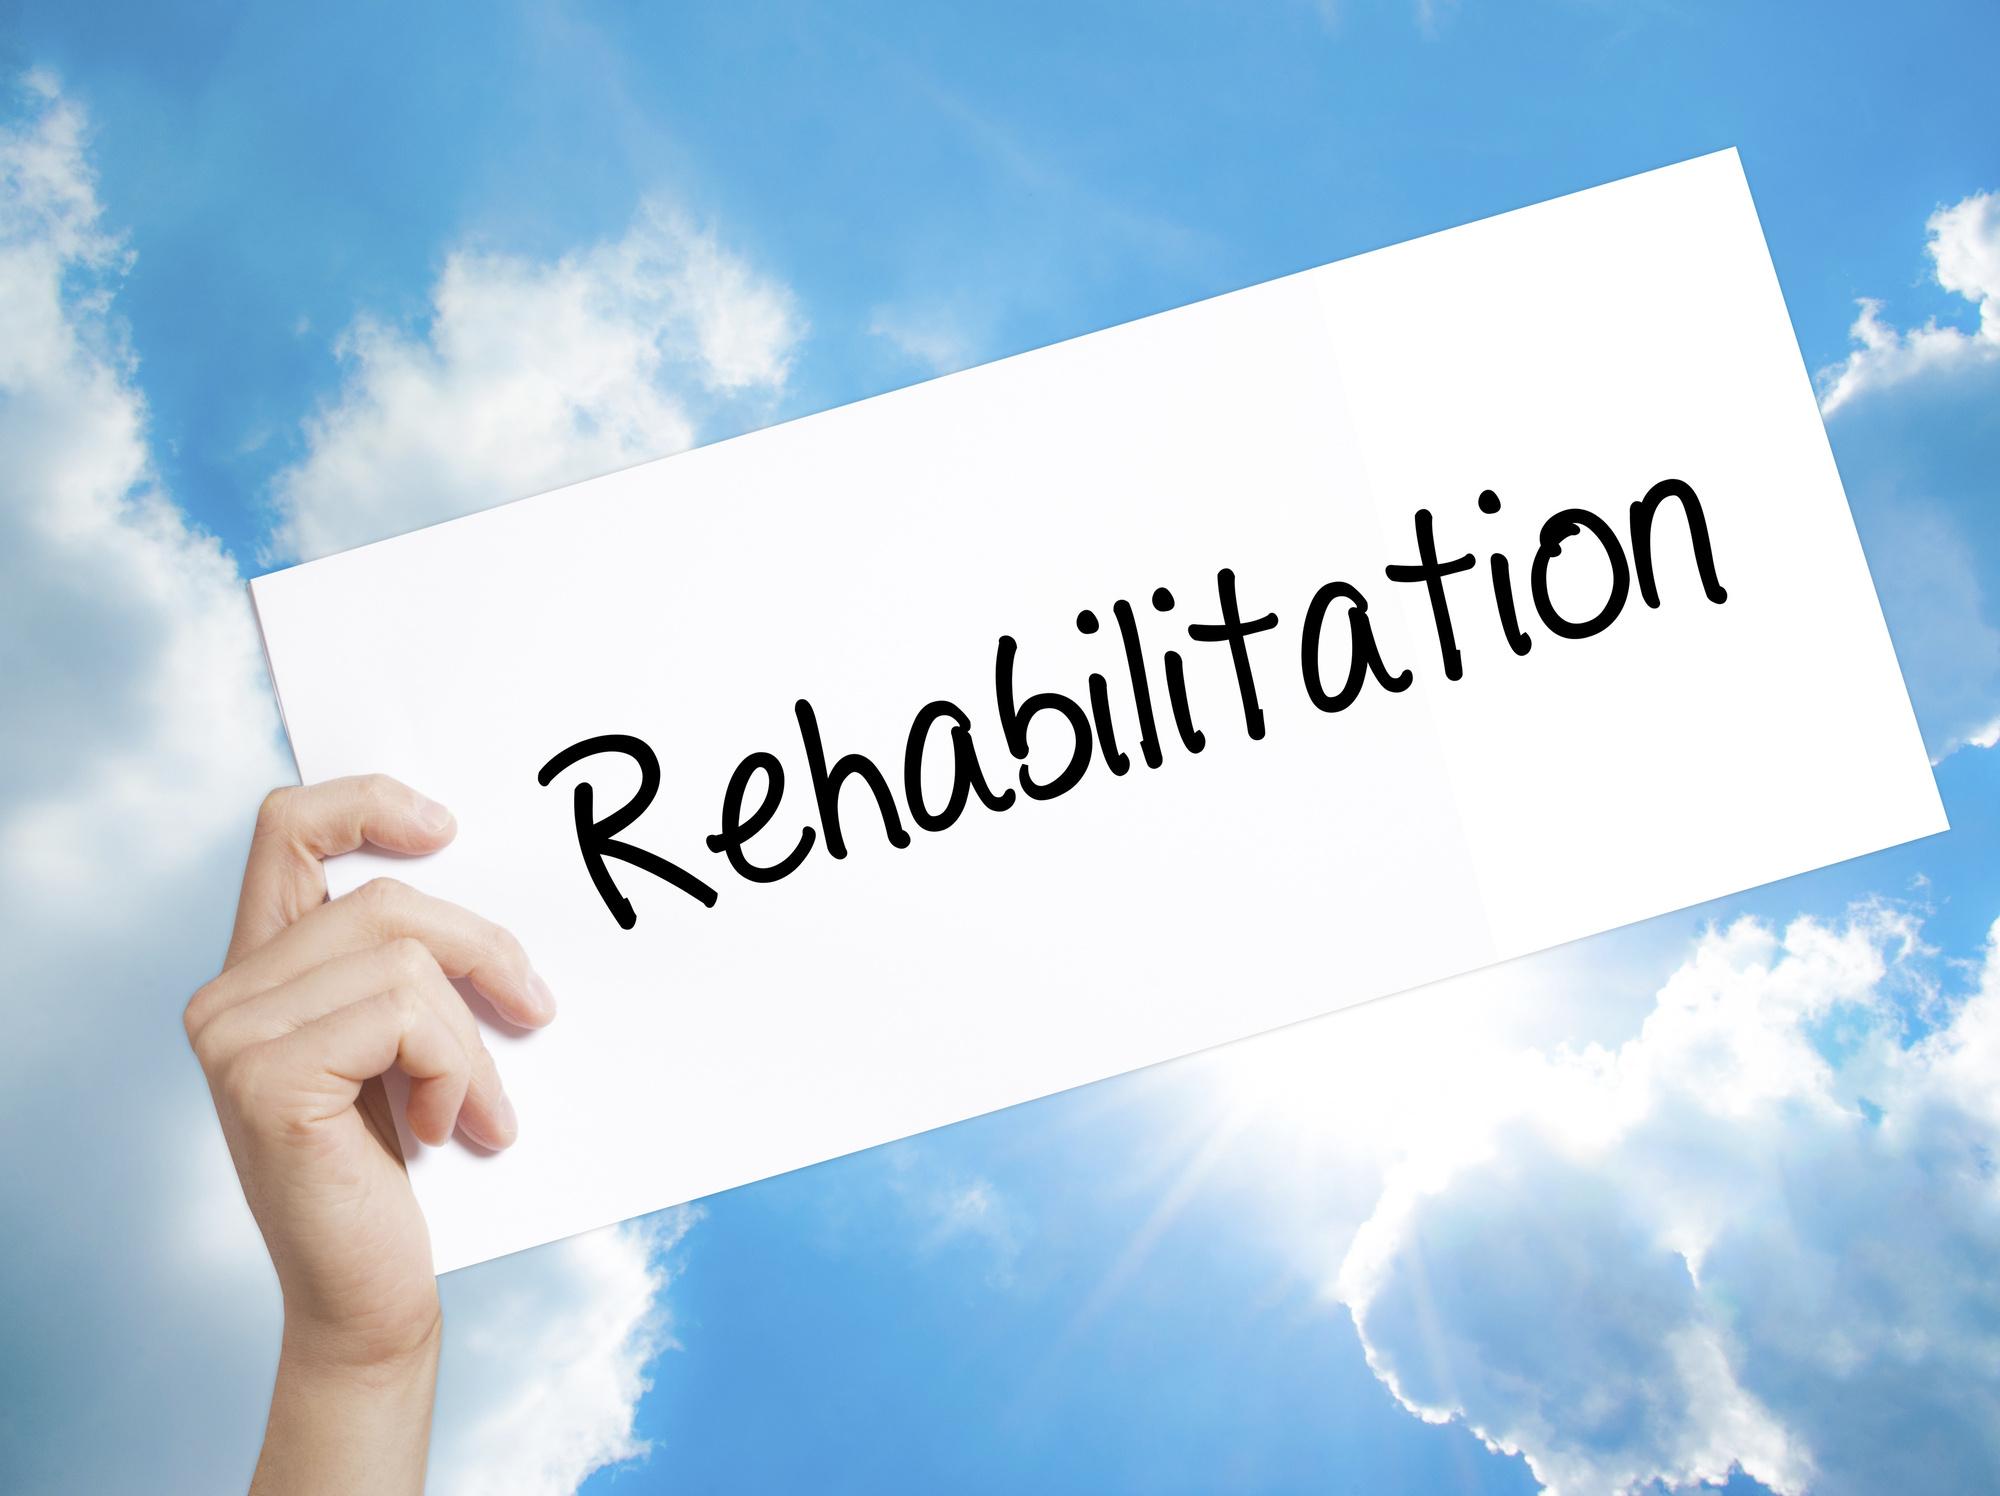 rehabilitation text on sign